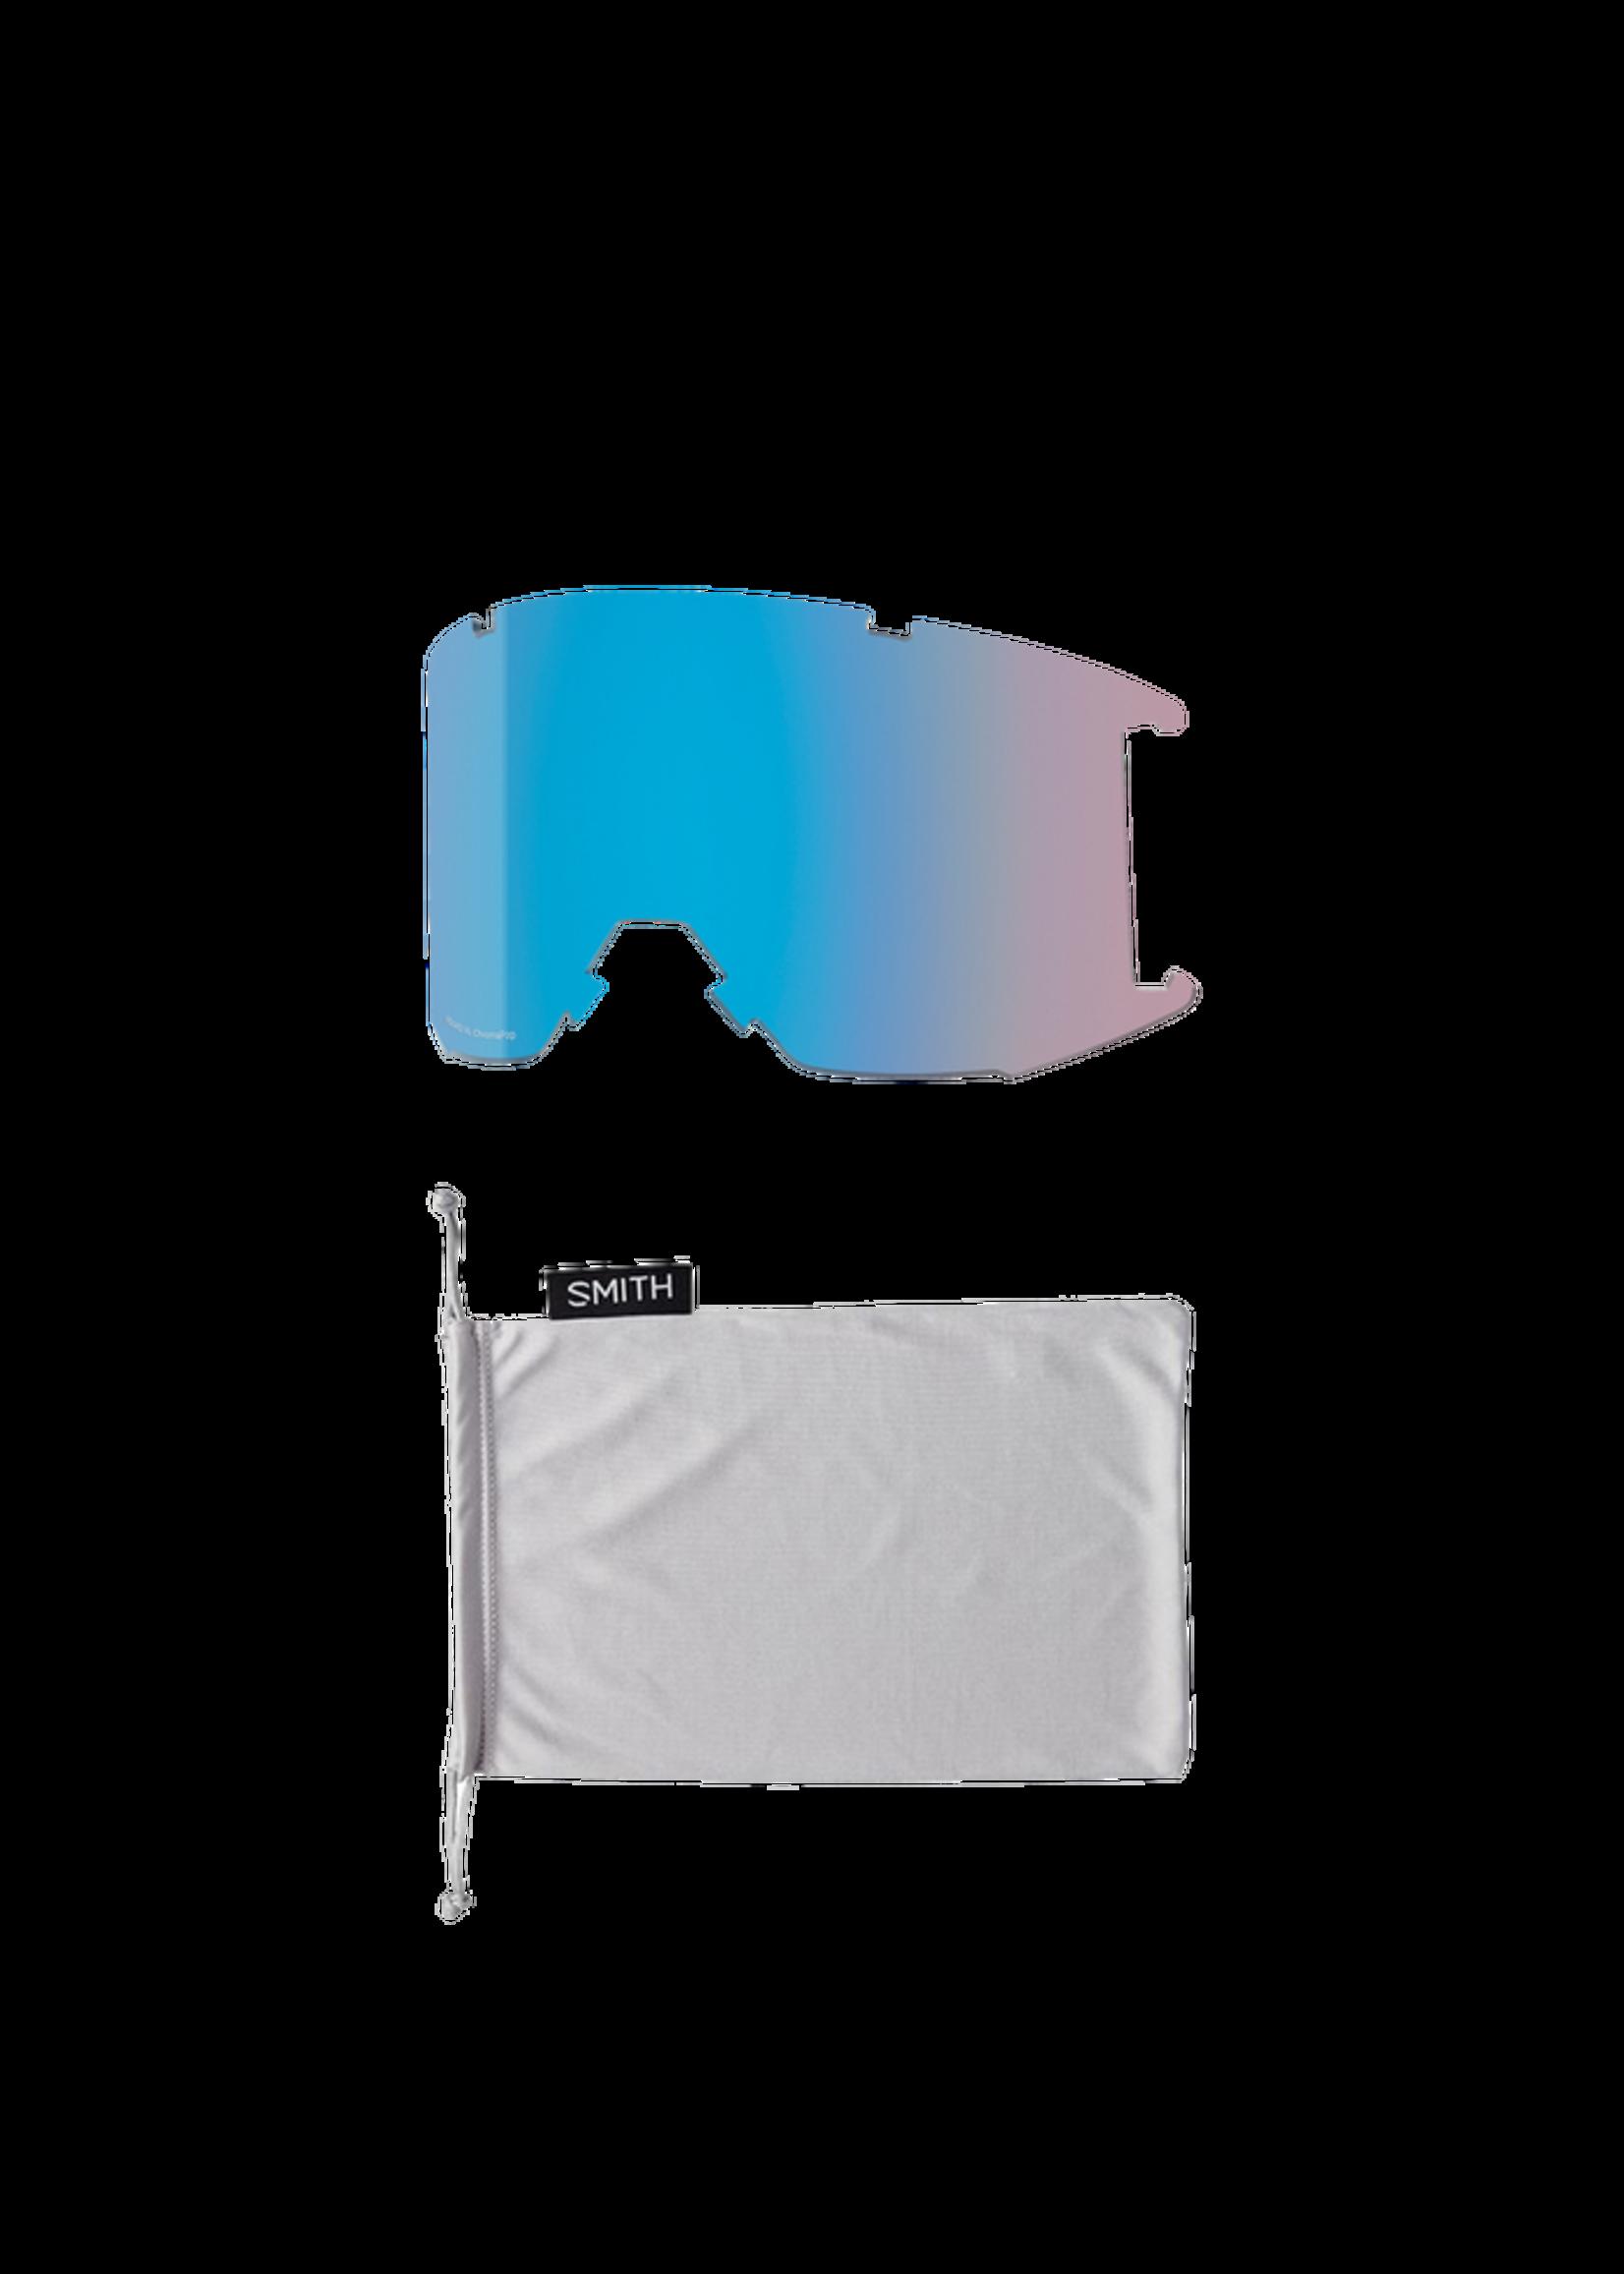 Smith SQUAD XL BIRCH (ChromaPop)